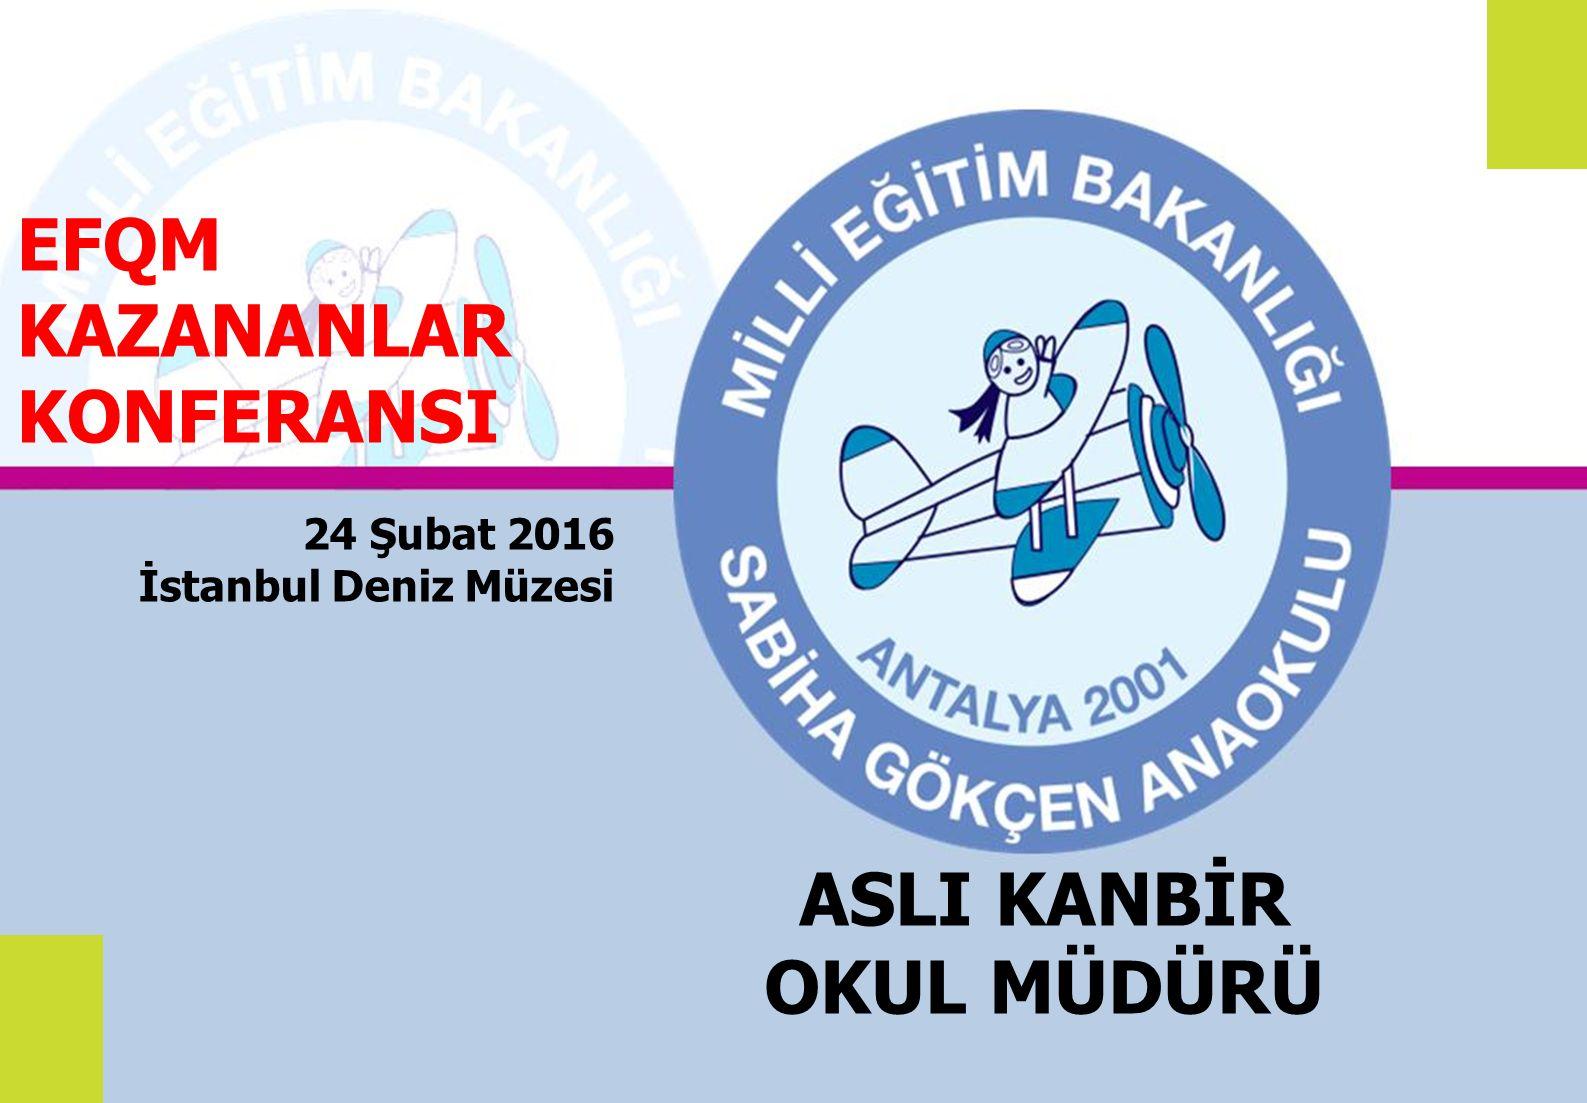 Antalya/Muratpaşa SABİHA GÖKÇEN ANAOKULU EFQM KAZANANLAR KONFERANSI ASLI KANBİR OKUL MÜDÜRÜ 24 Şubat 2016 İstanbul Deniz Müzesi